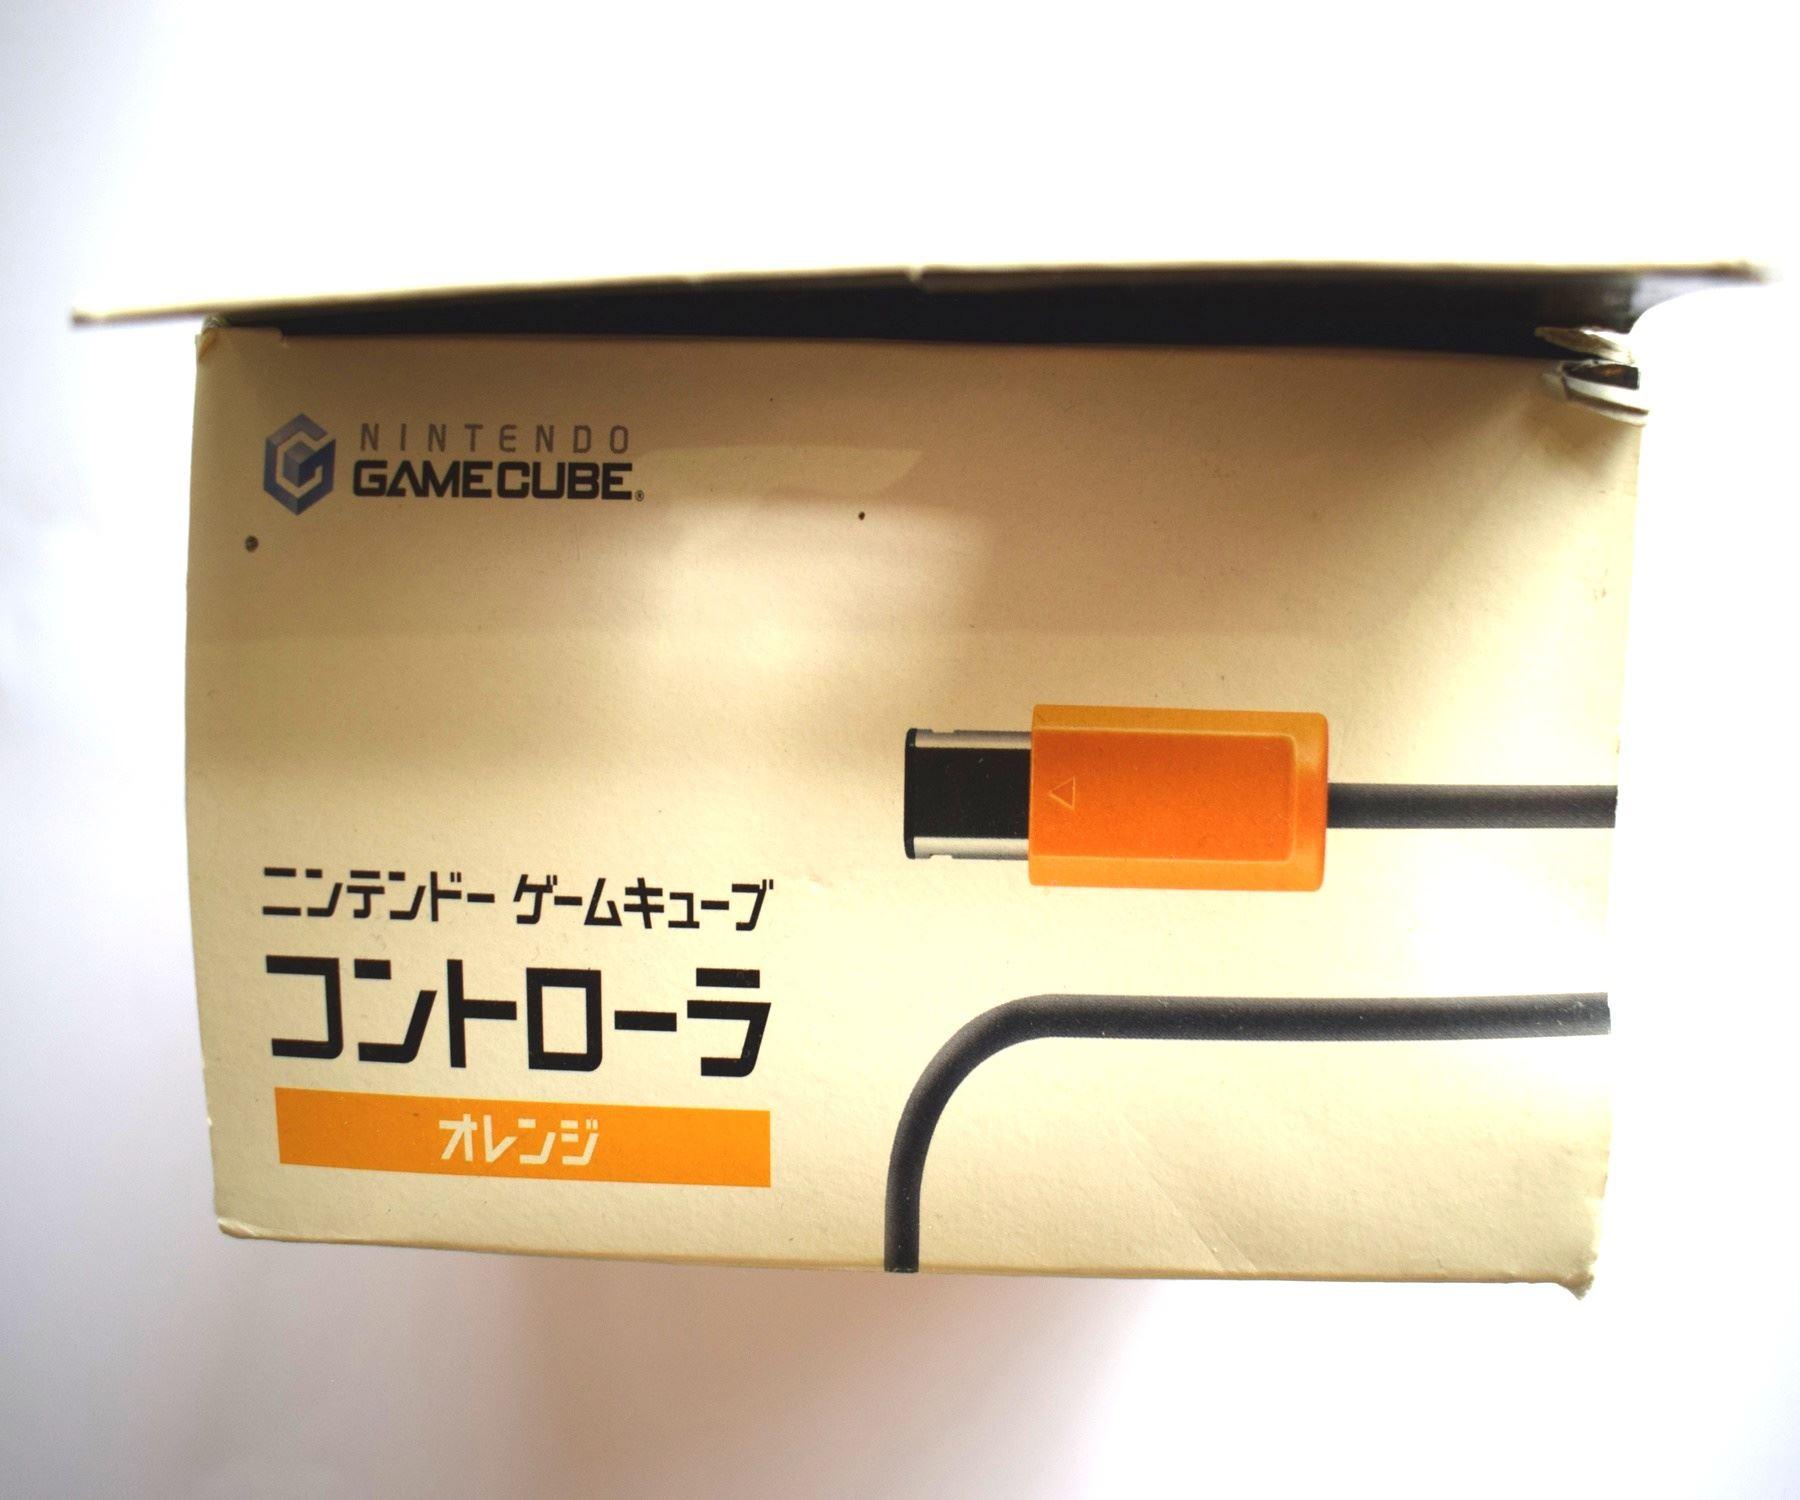 Nintendo-Gamecube-Ufficiale-Originale-Controller-Vari-Colori-Disponibile thumbnail 6